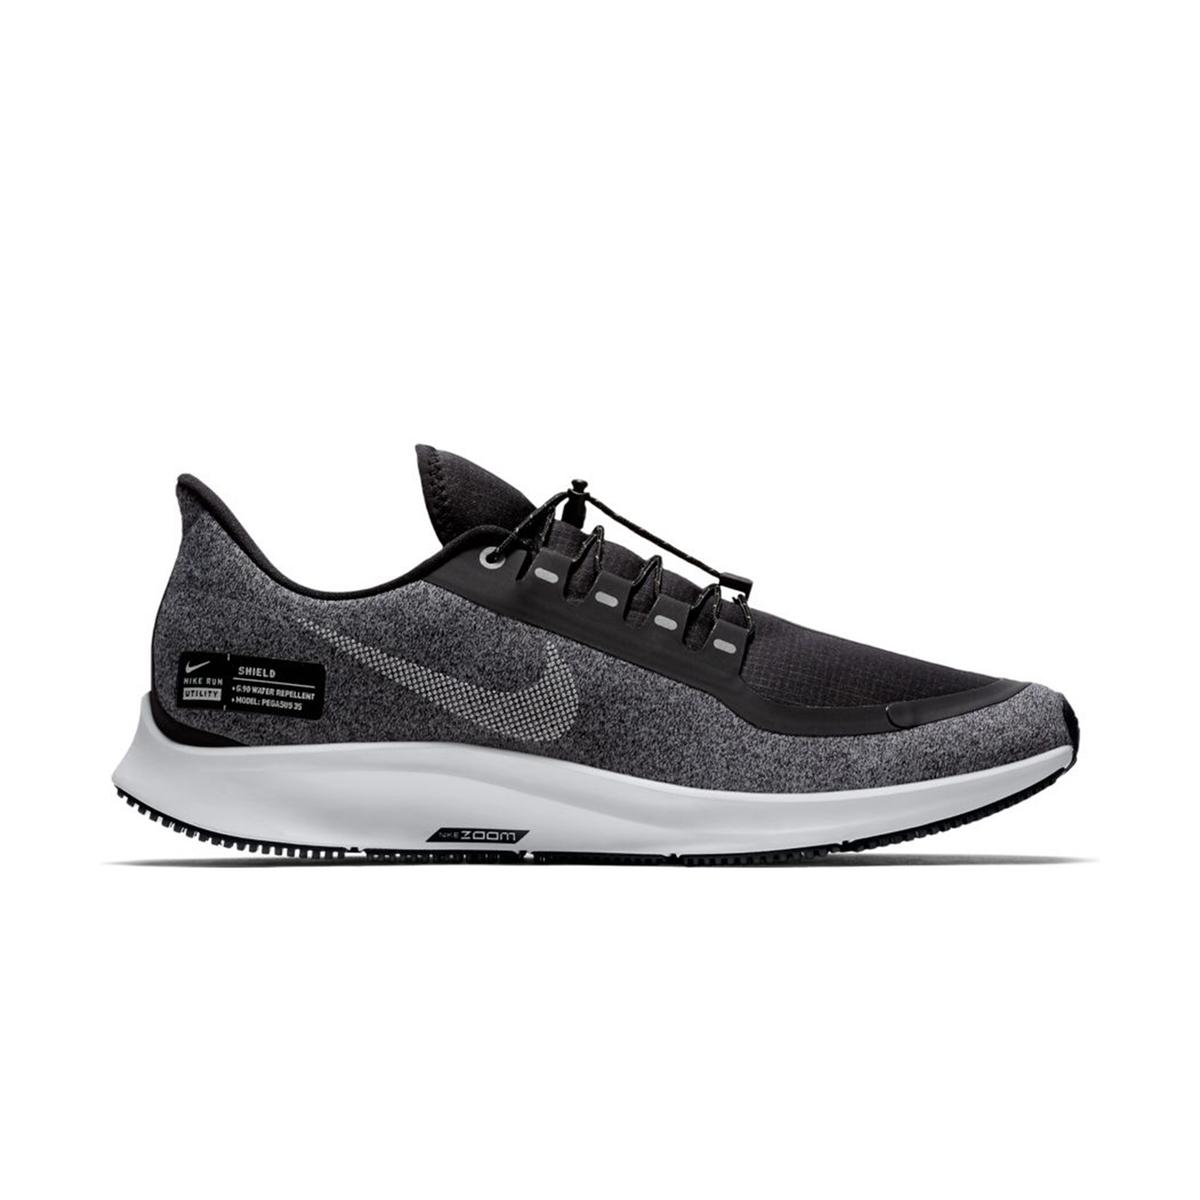 huge discount 9d23c 7ab0c Nike Running Air Zoom 35 Pegasus Trainers In Black 942851 ...